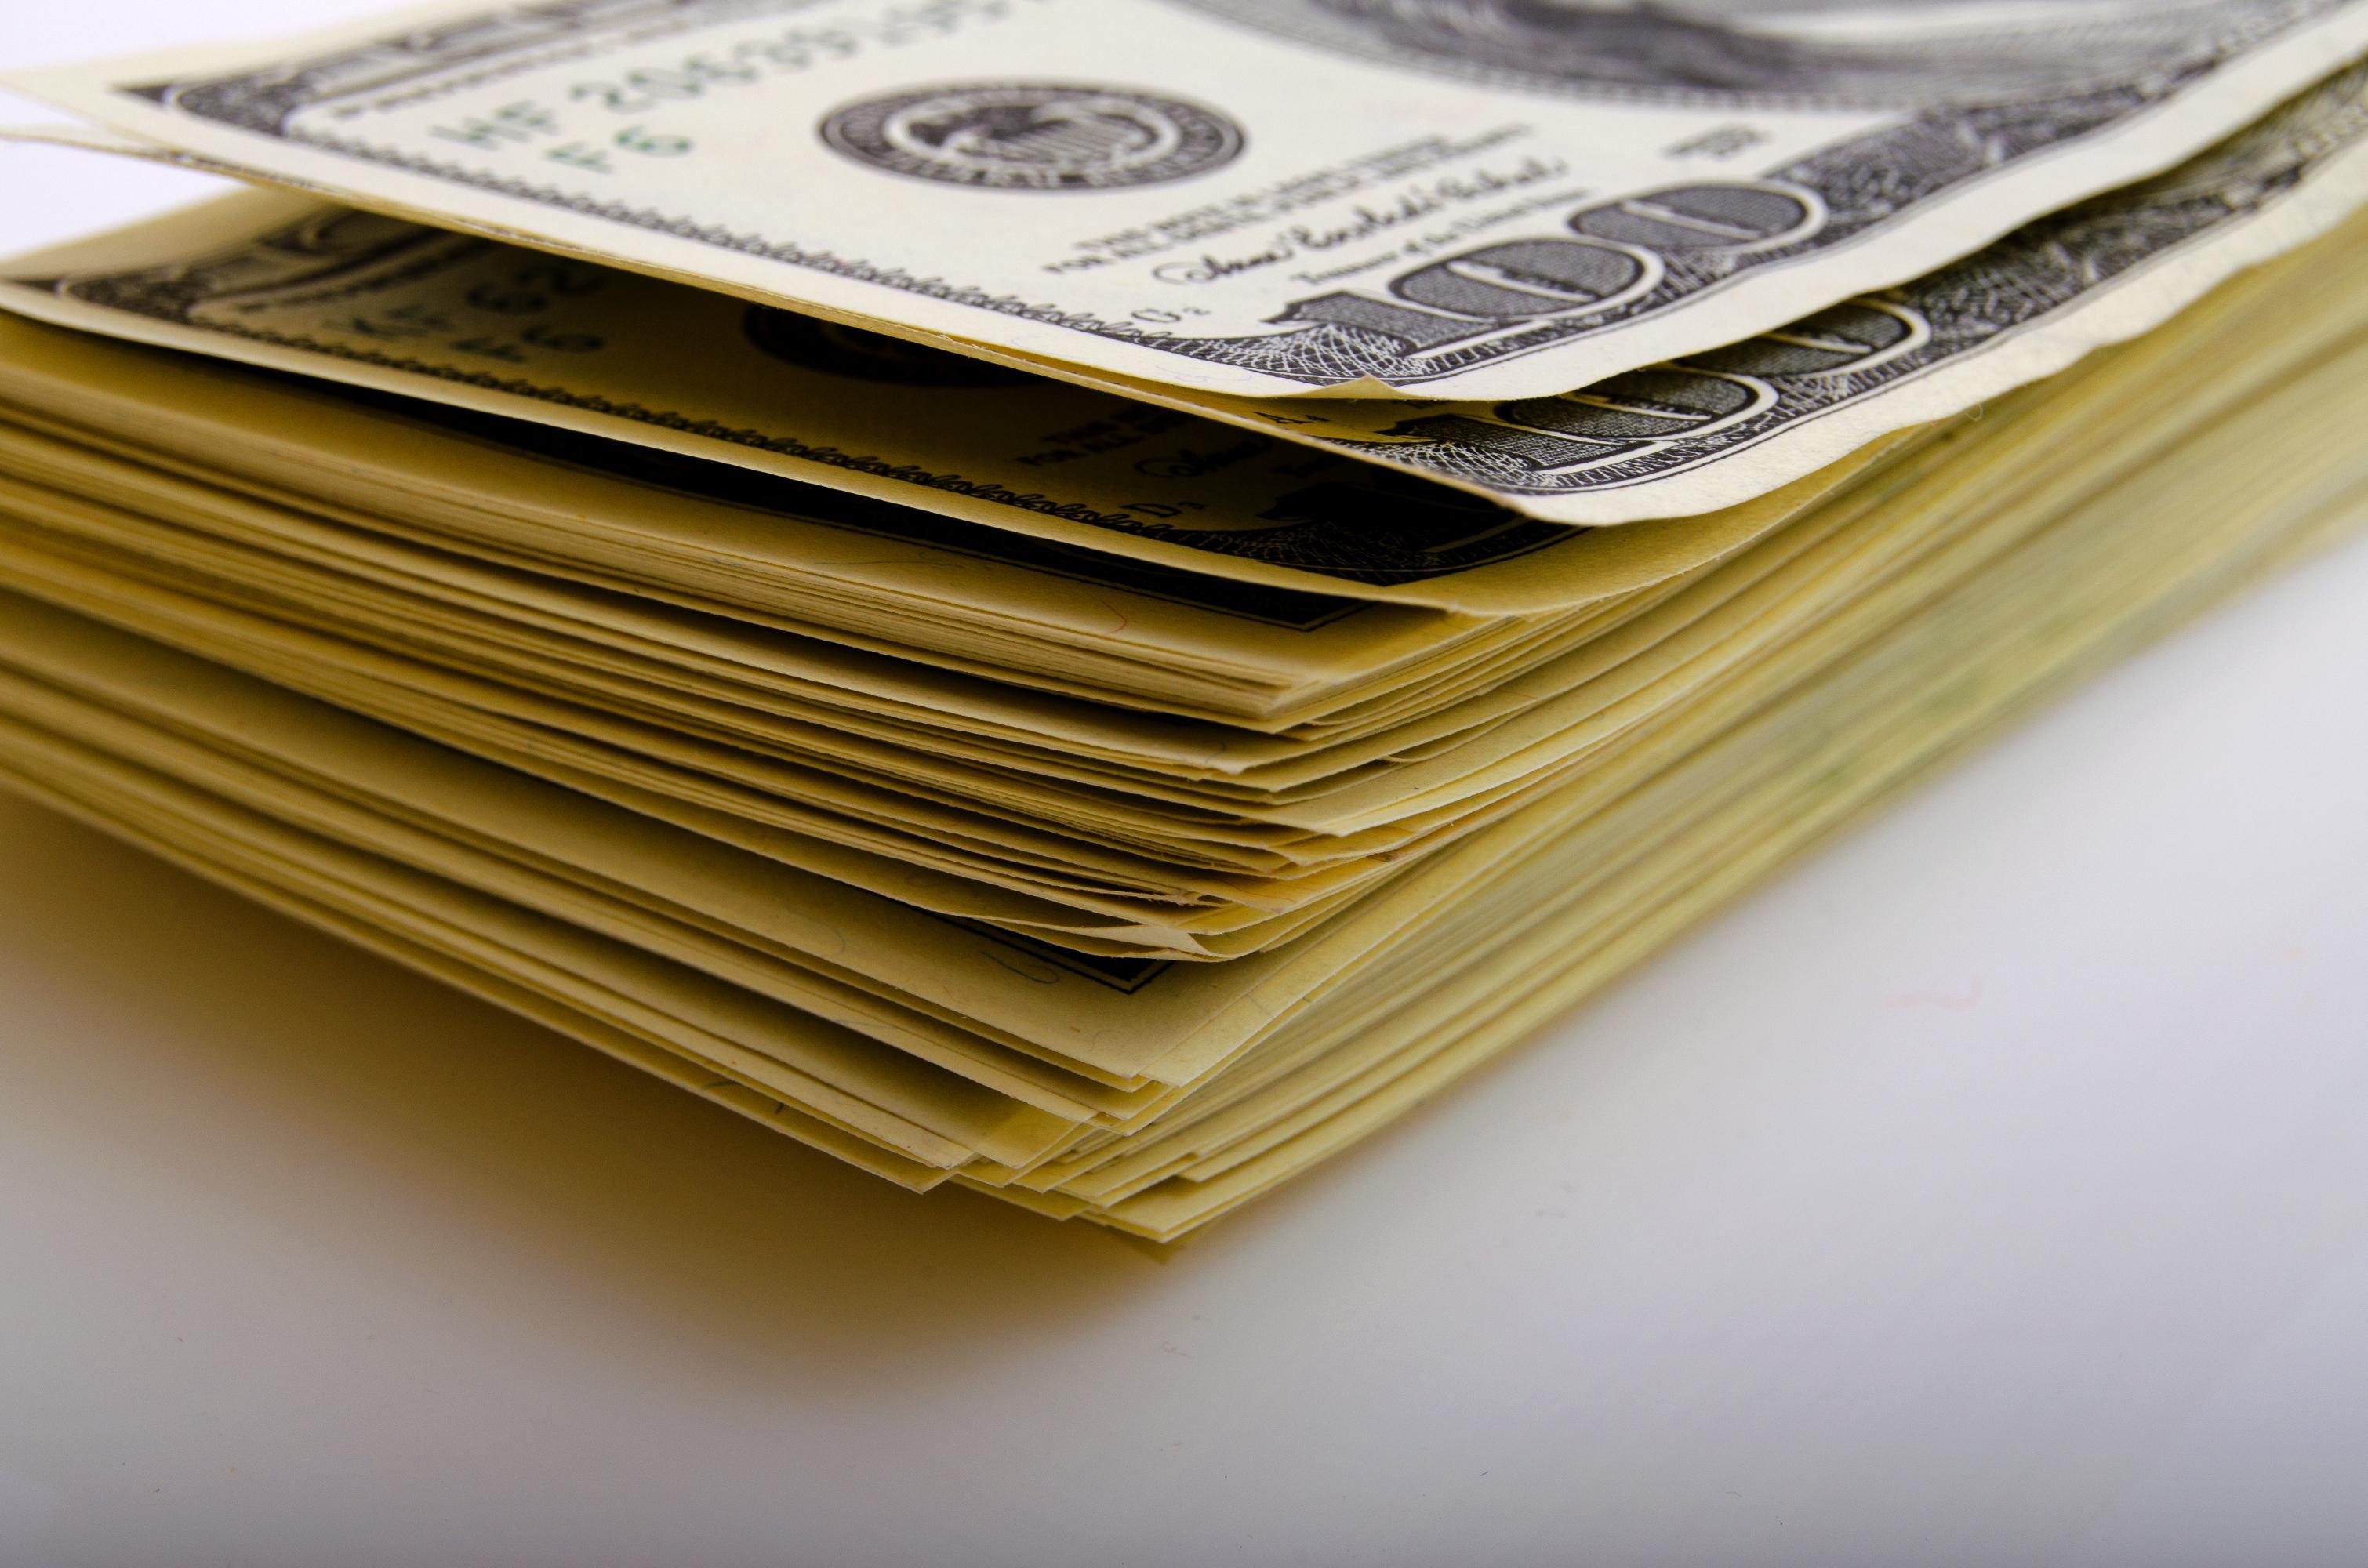 A stack of $100 billis.